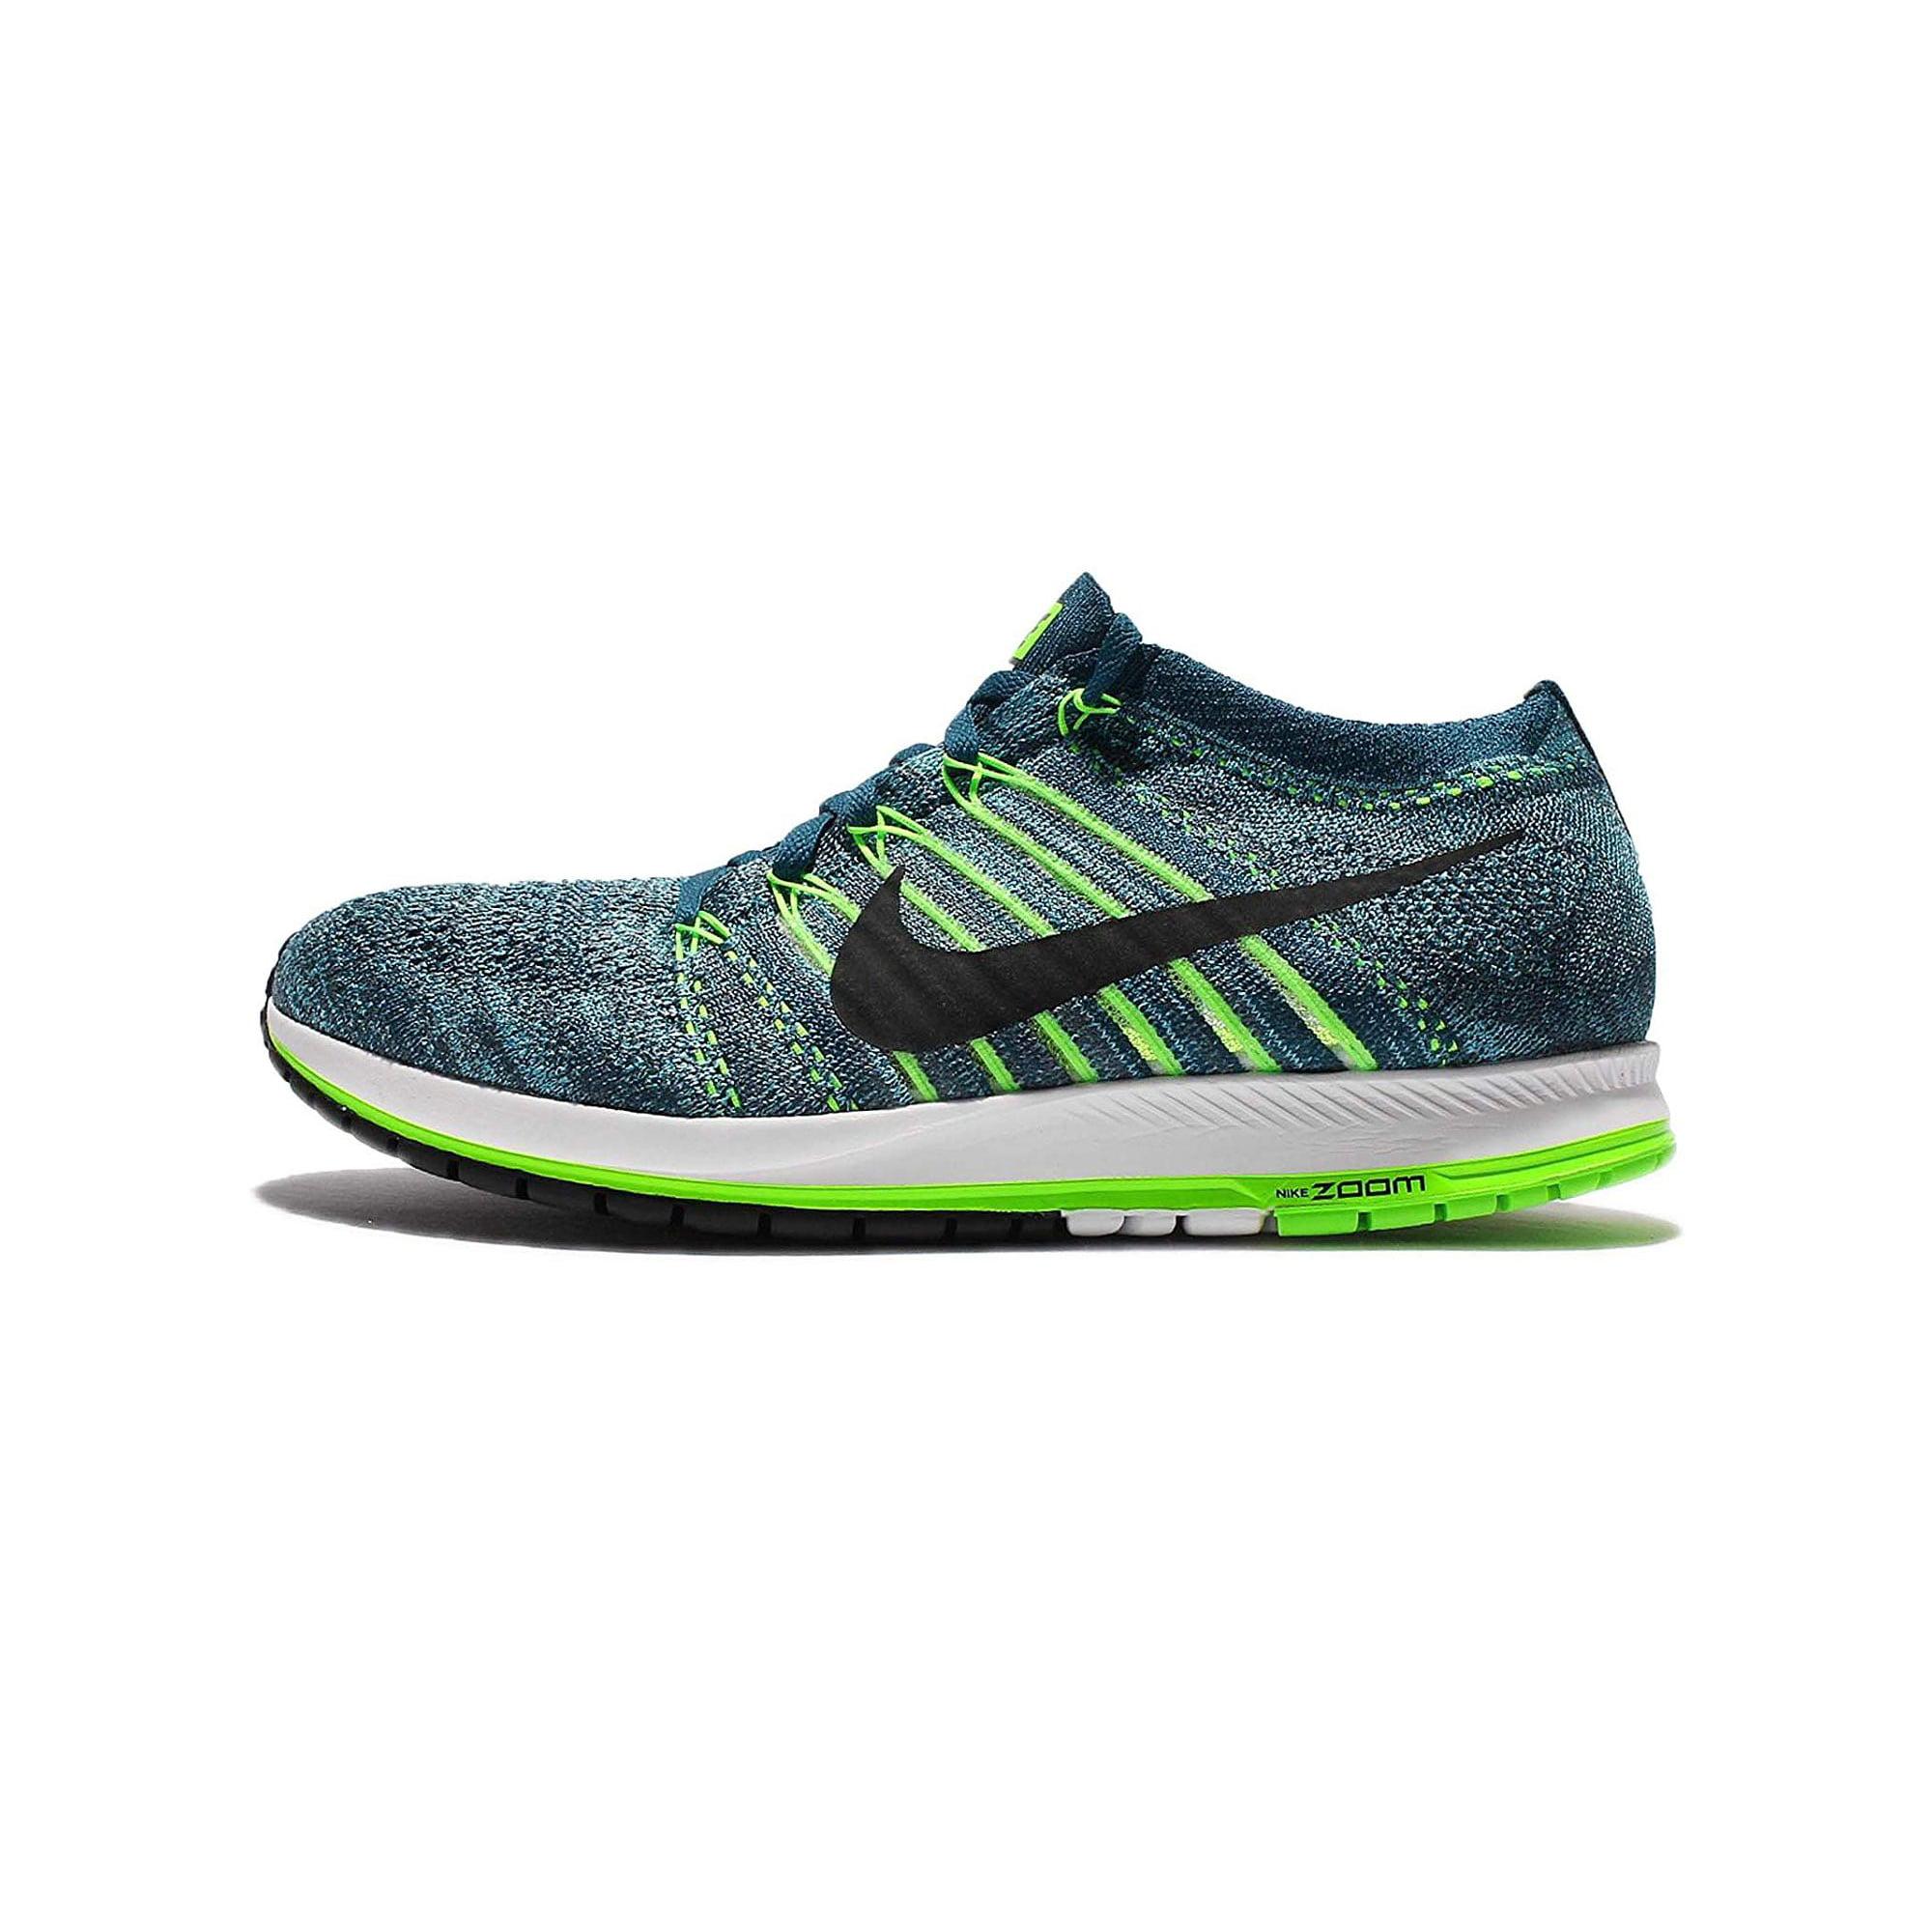 507e933ece4c5 Nike Womens Flyknit Streak Low Top Lace Up Running Sneaker